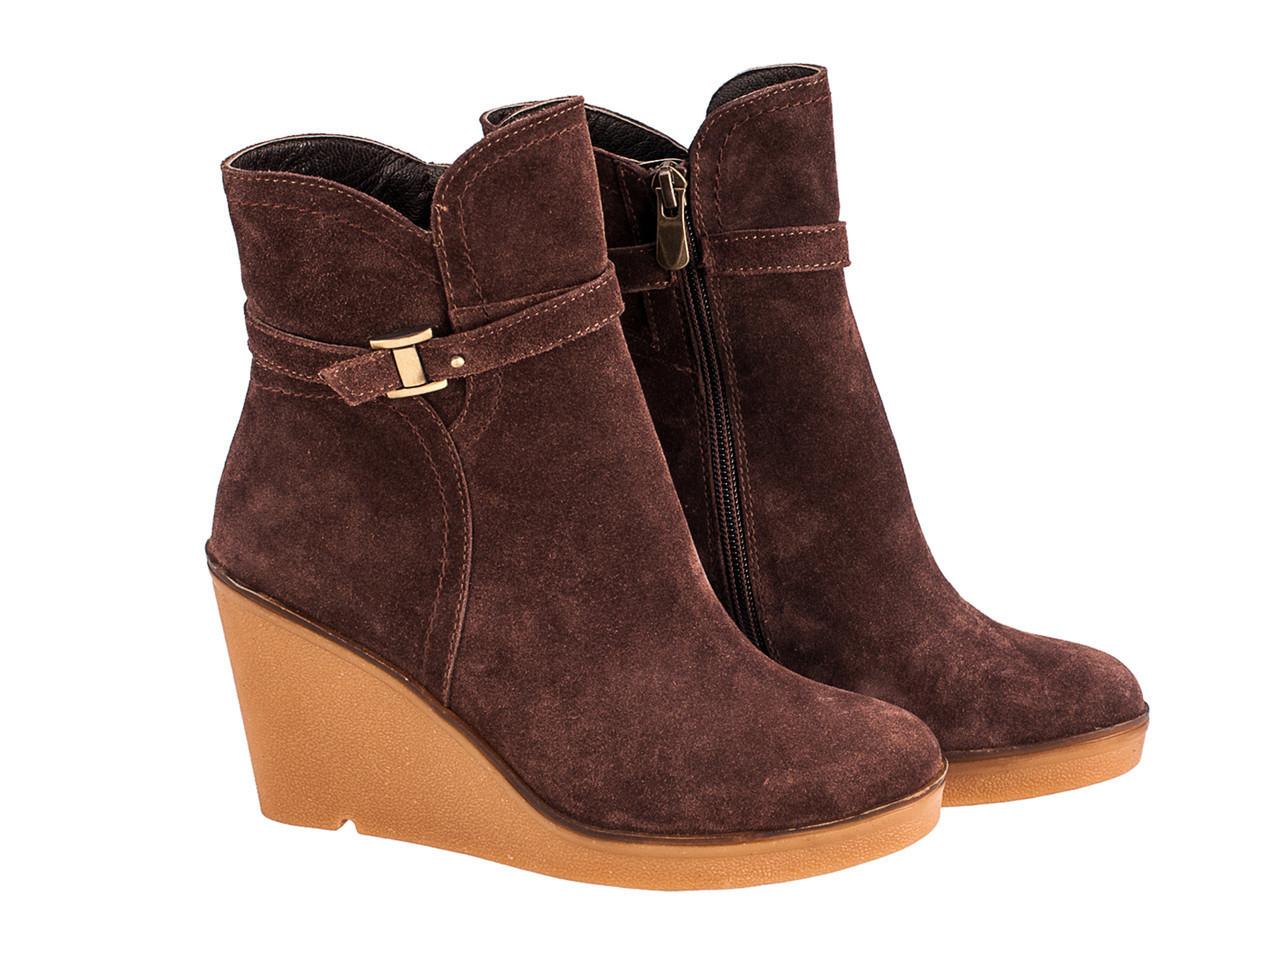 Ботинки Etor 5905-02510-1-0041 39 коричневые